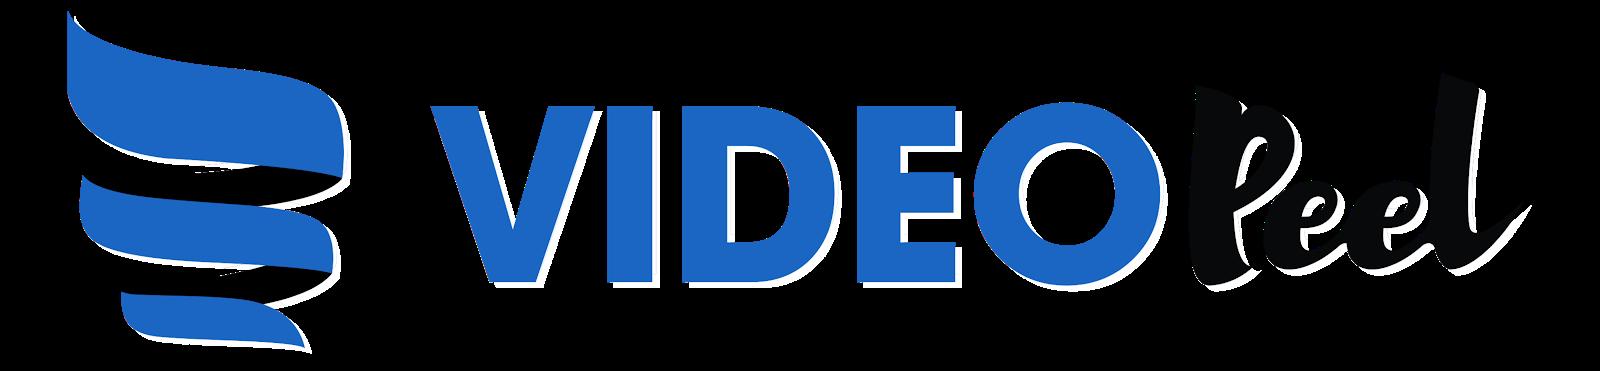 VideoPeel